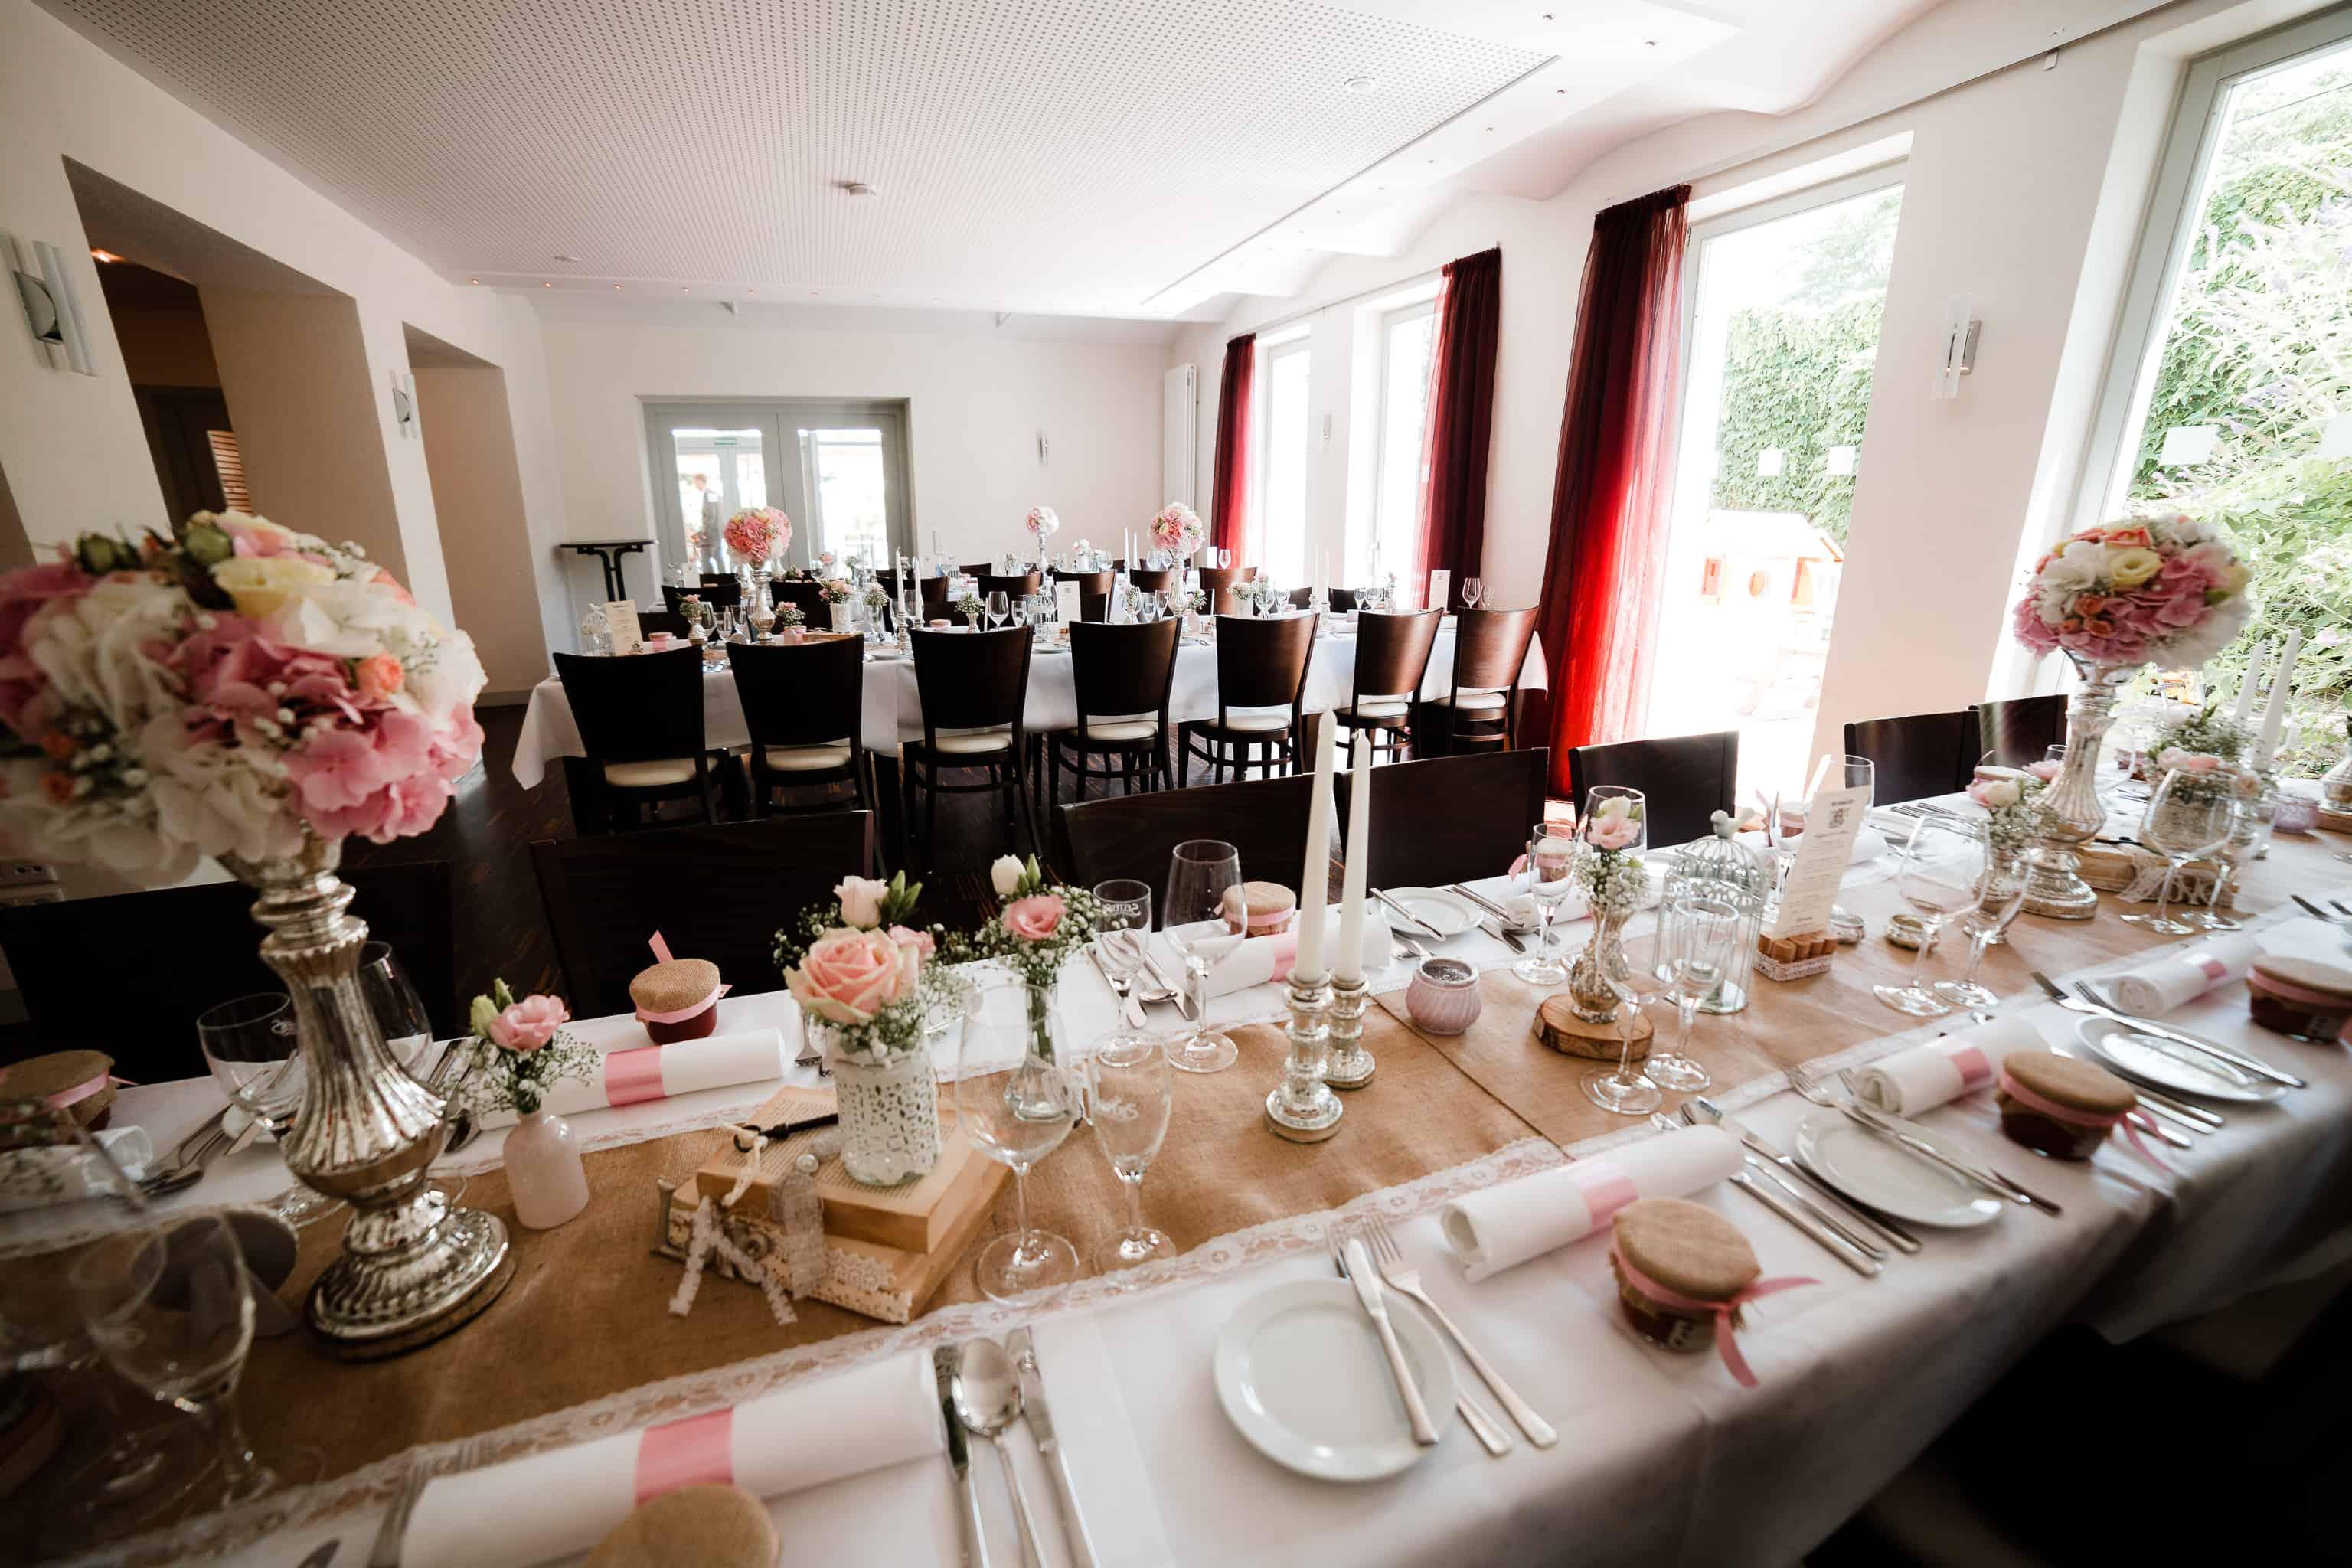 Fabienne und Oli haben ihre Hochzeit in diesem Saal in Guntersblum